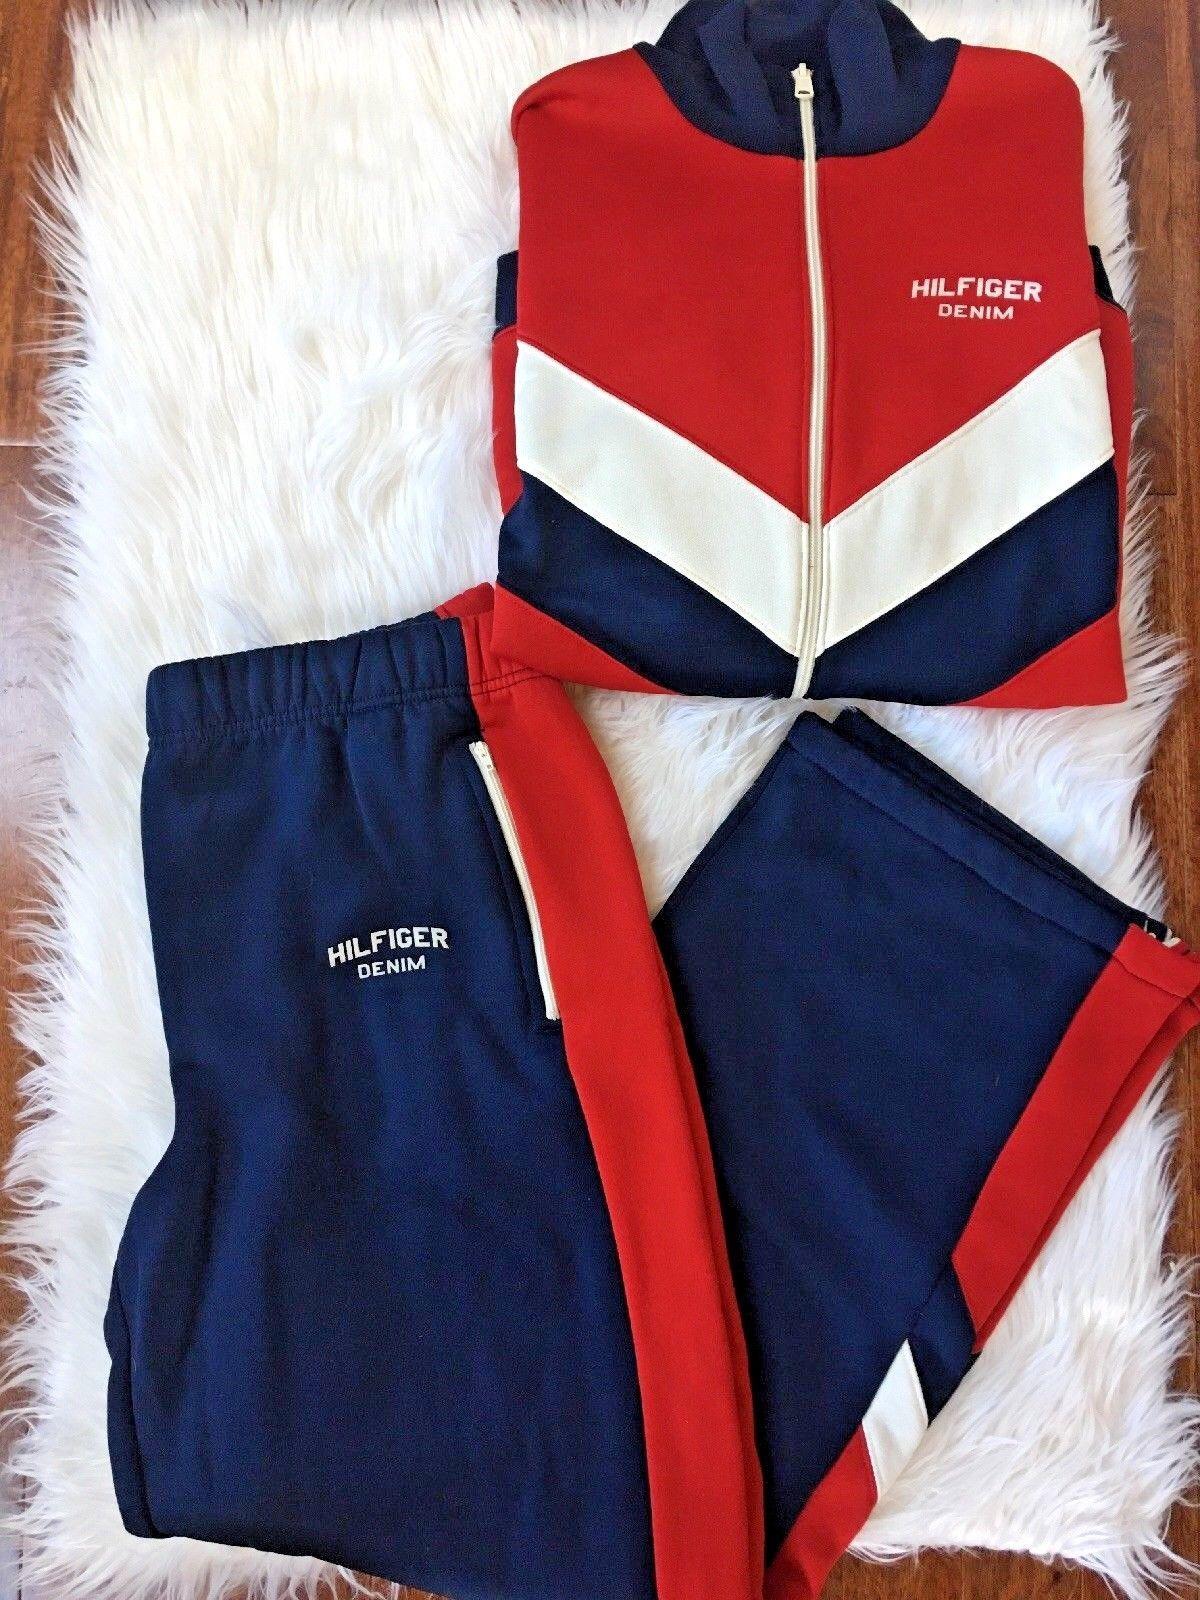 08048afd7804c Vintage Tommy Hilfiger Track Warm Up Sweat Outfit Size Med Jacket Large  Pant red (eBay Link)